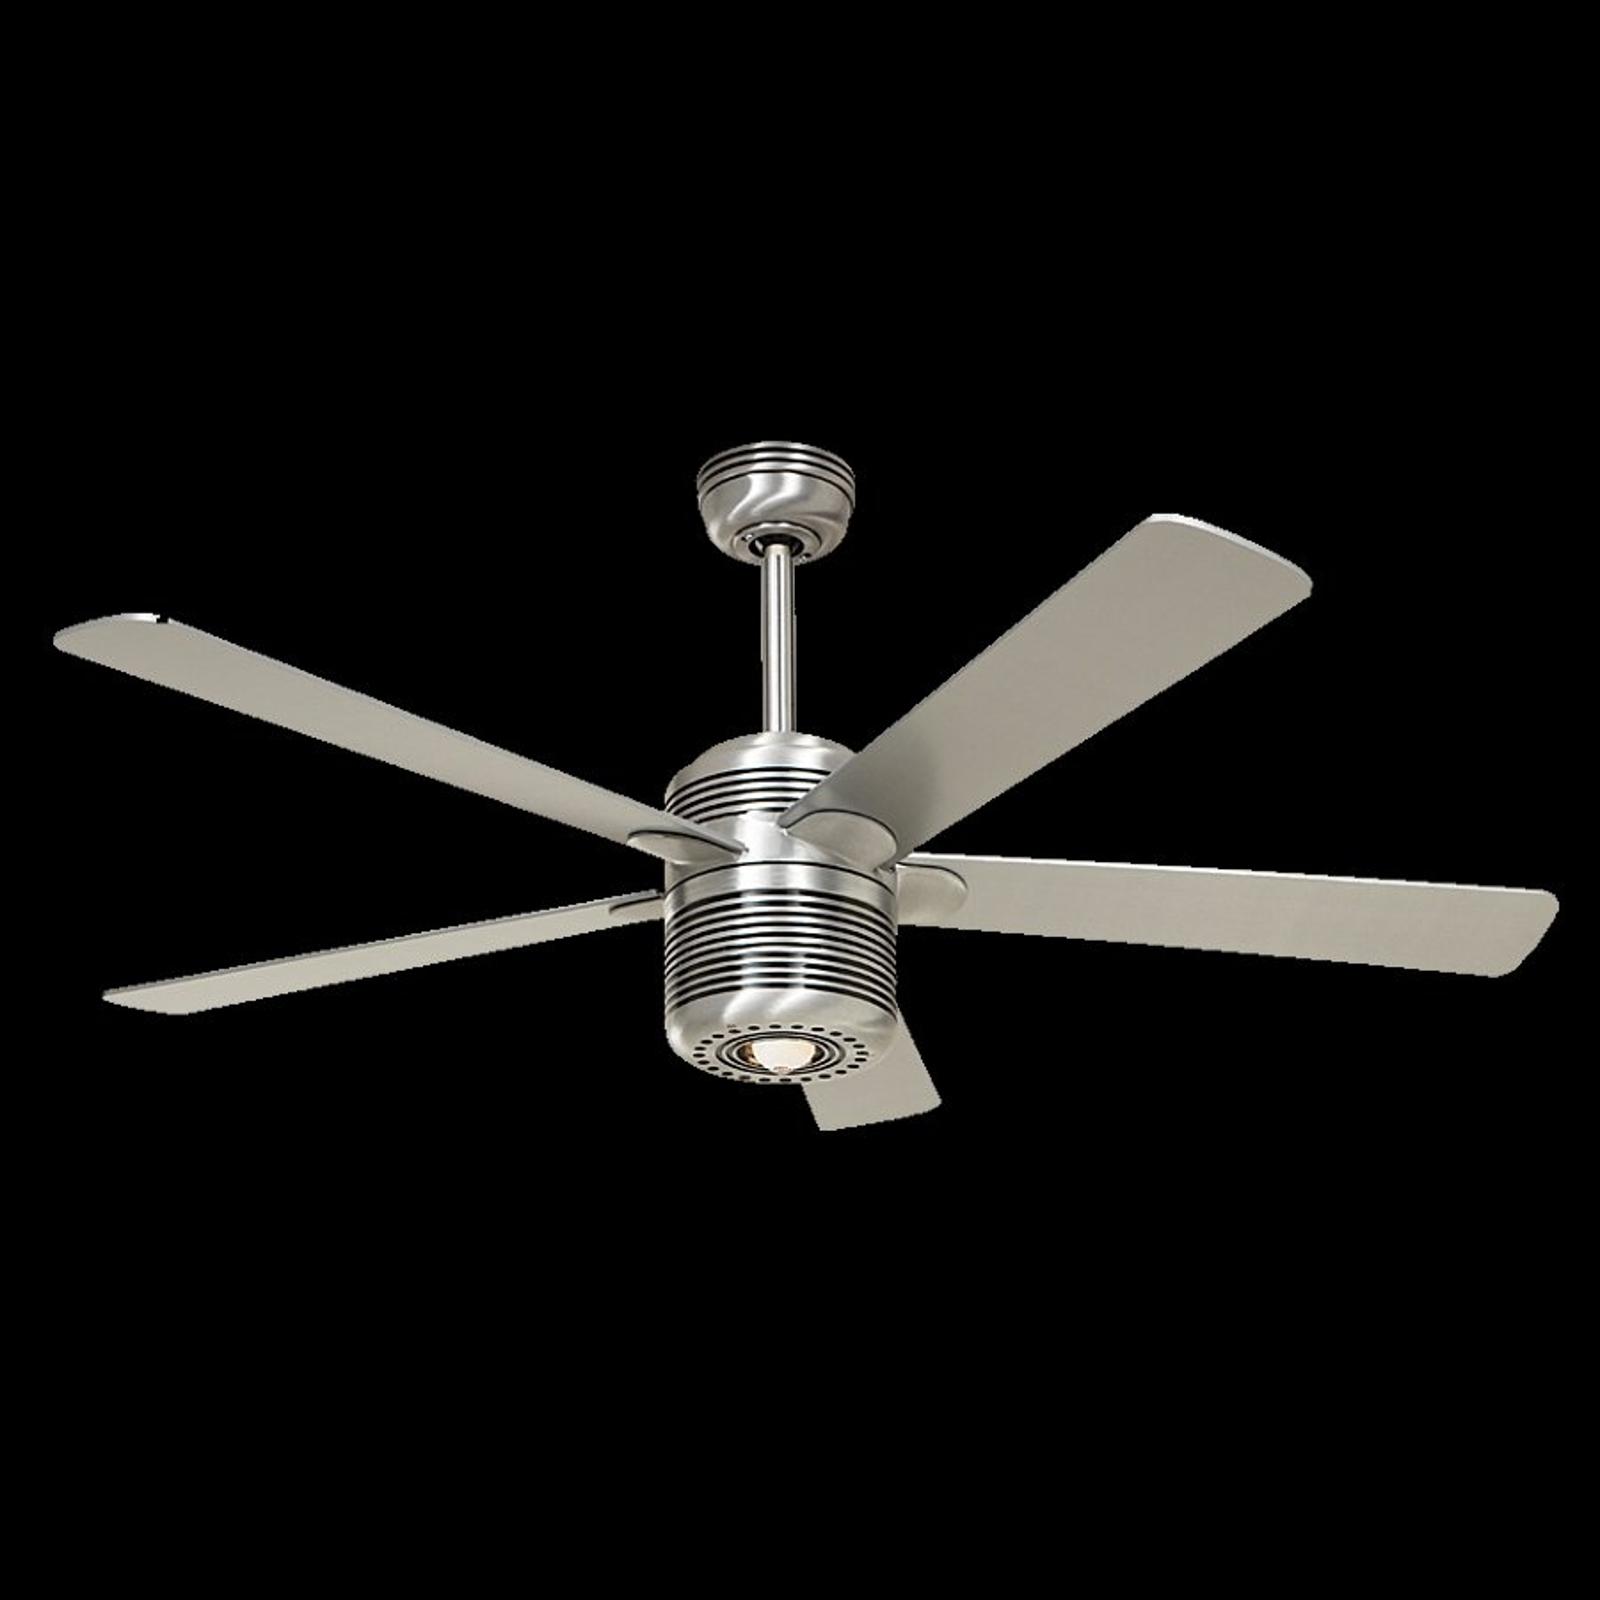 Ventilateur de plafond lumineux Alu